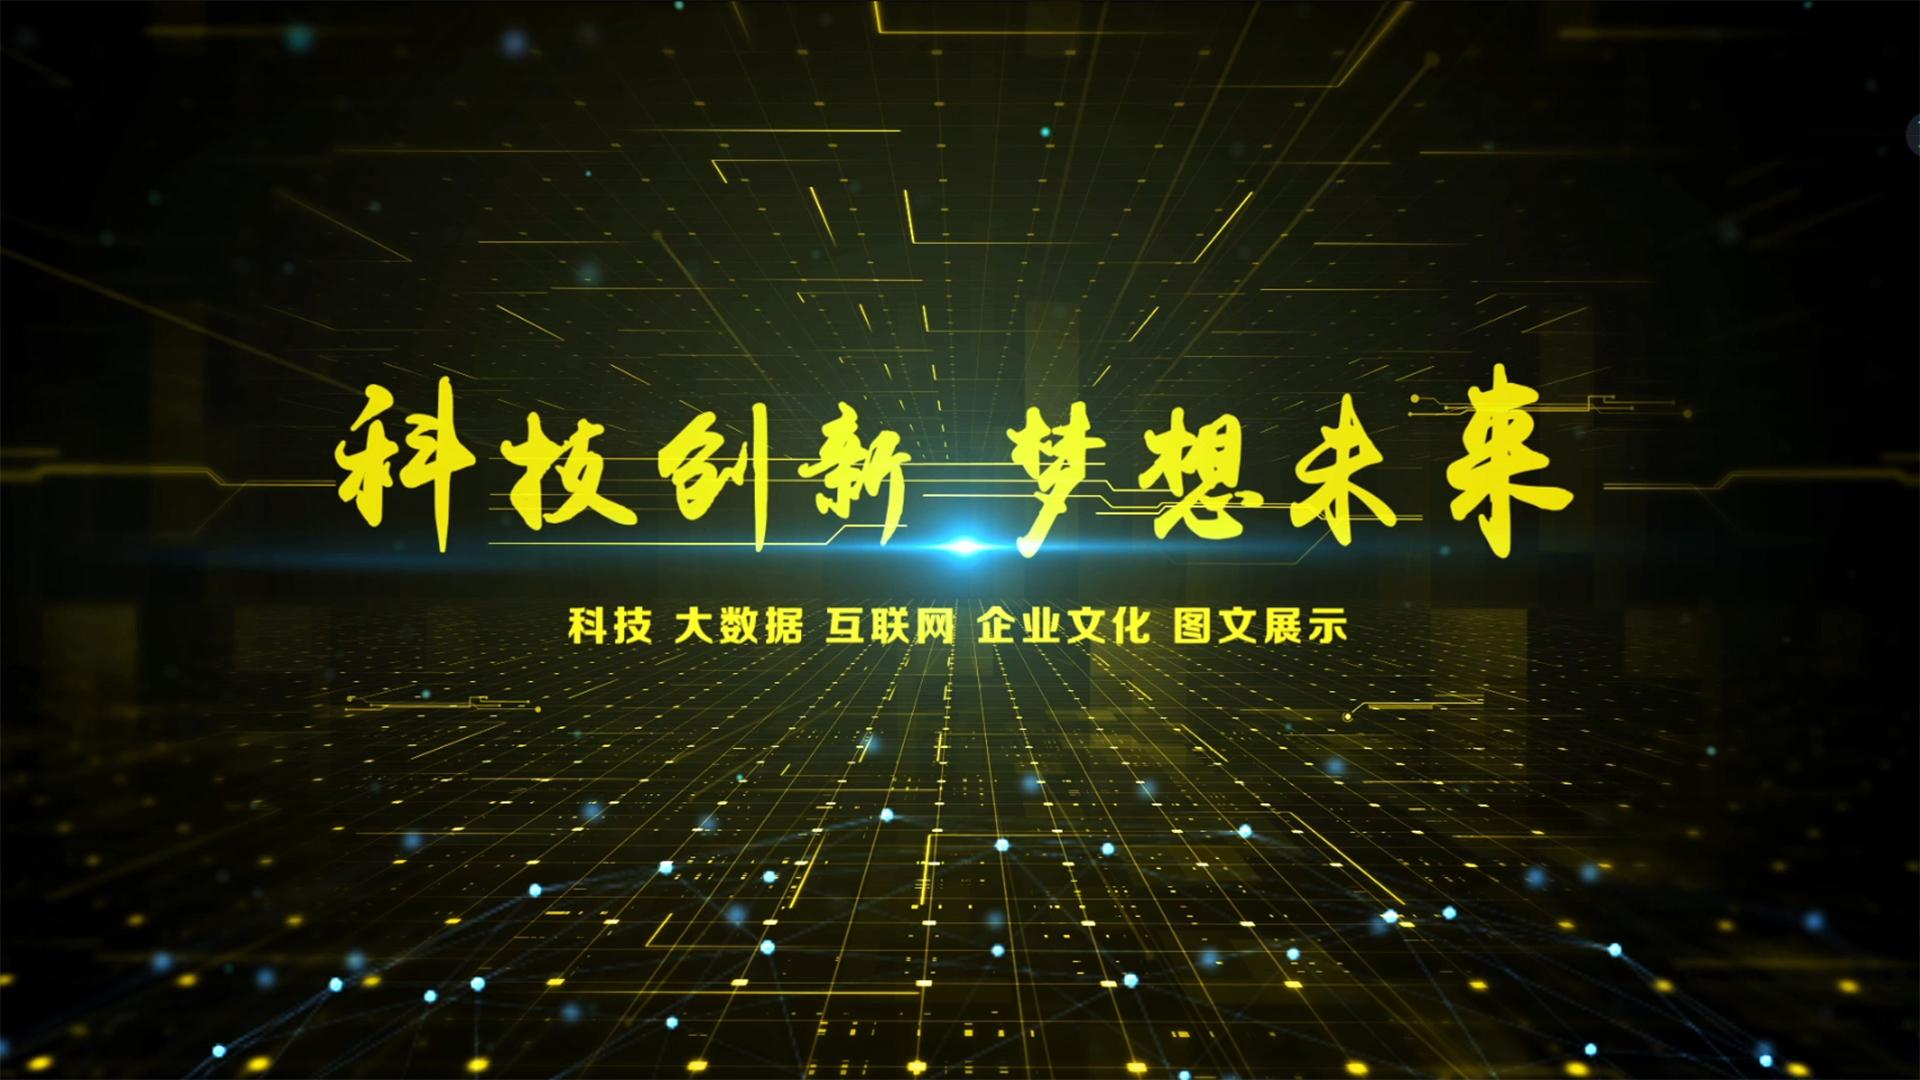 科技互联网企业文化年会AE模板